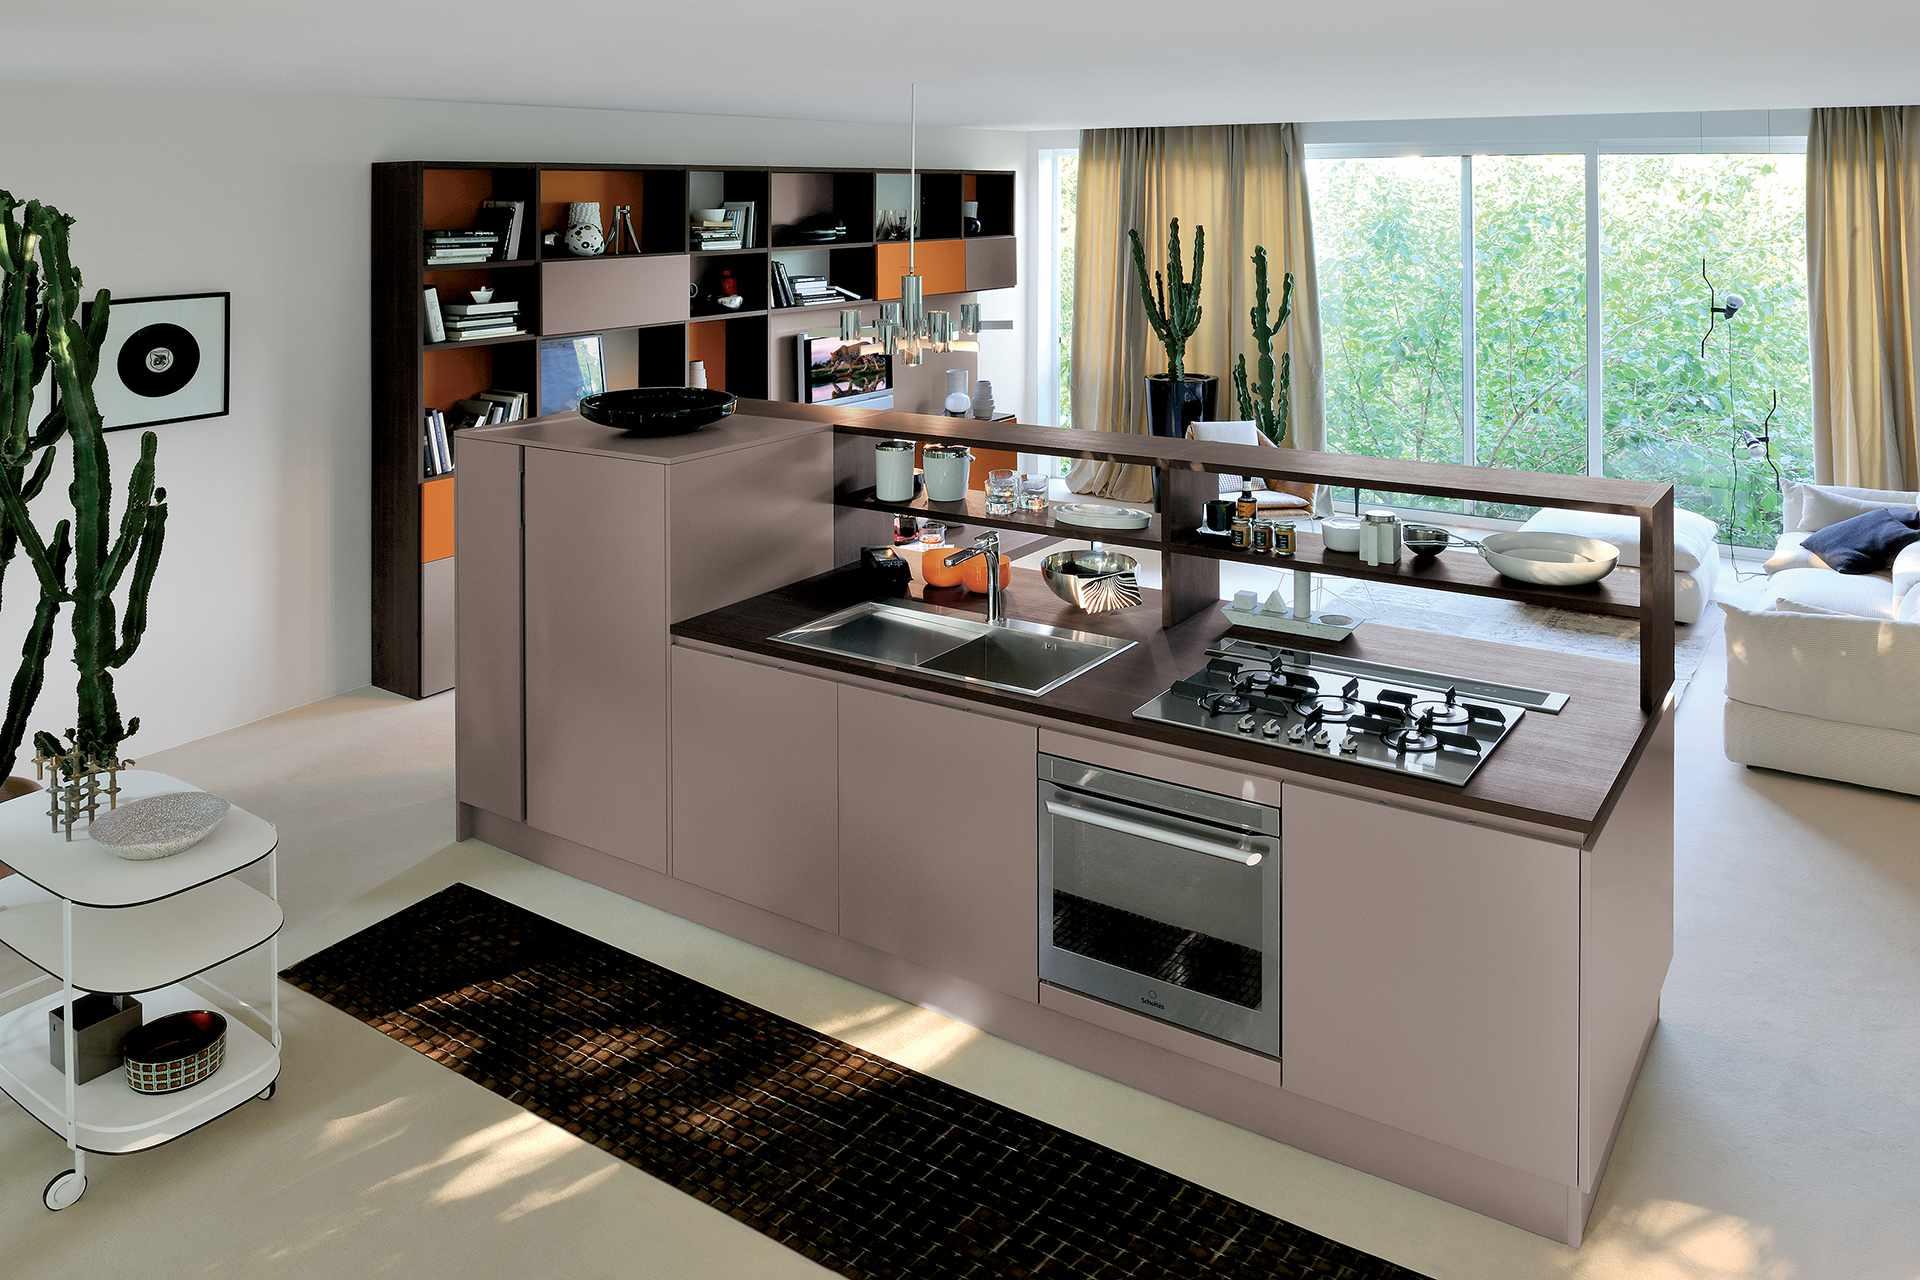 Come scegliere la marca di elettrodomestici per la nuova cucina ...